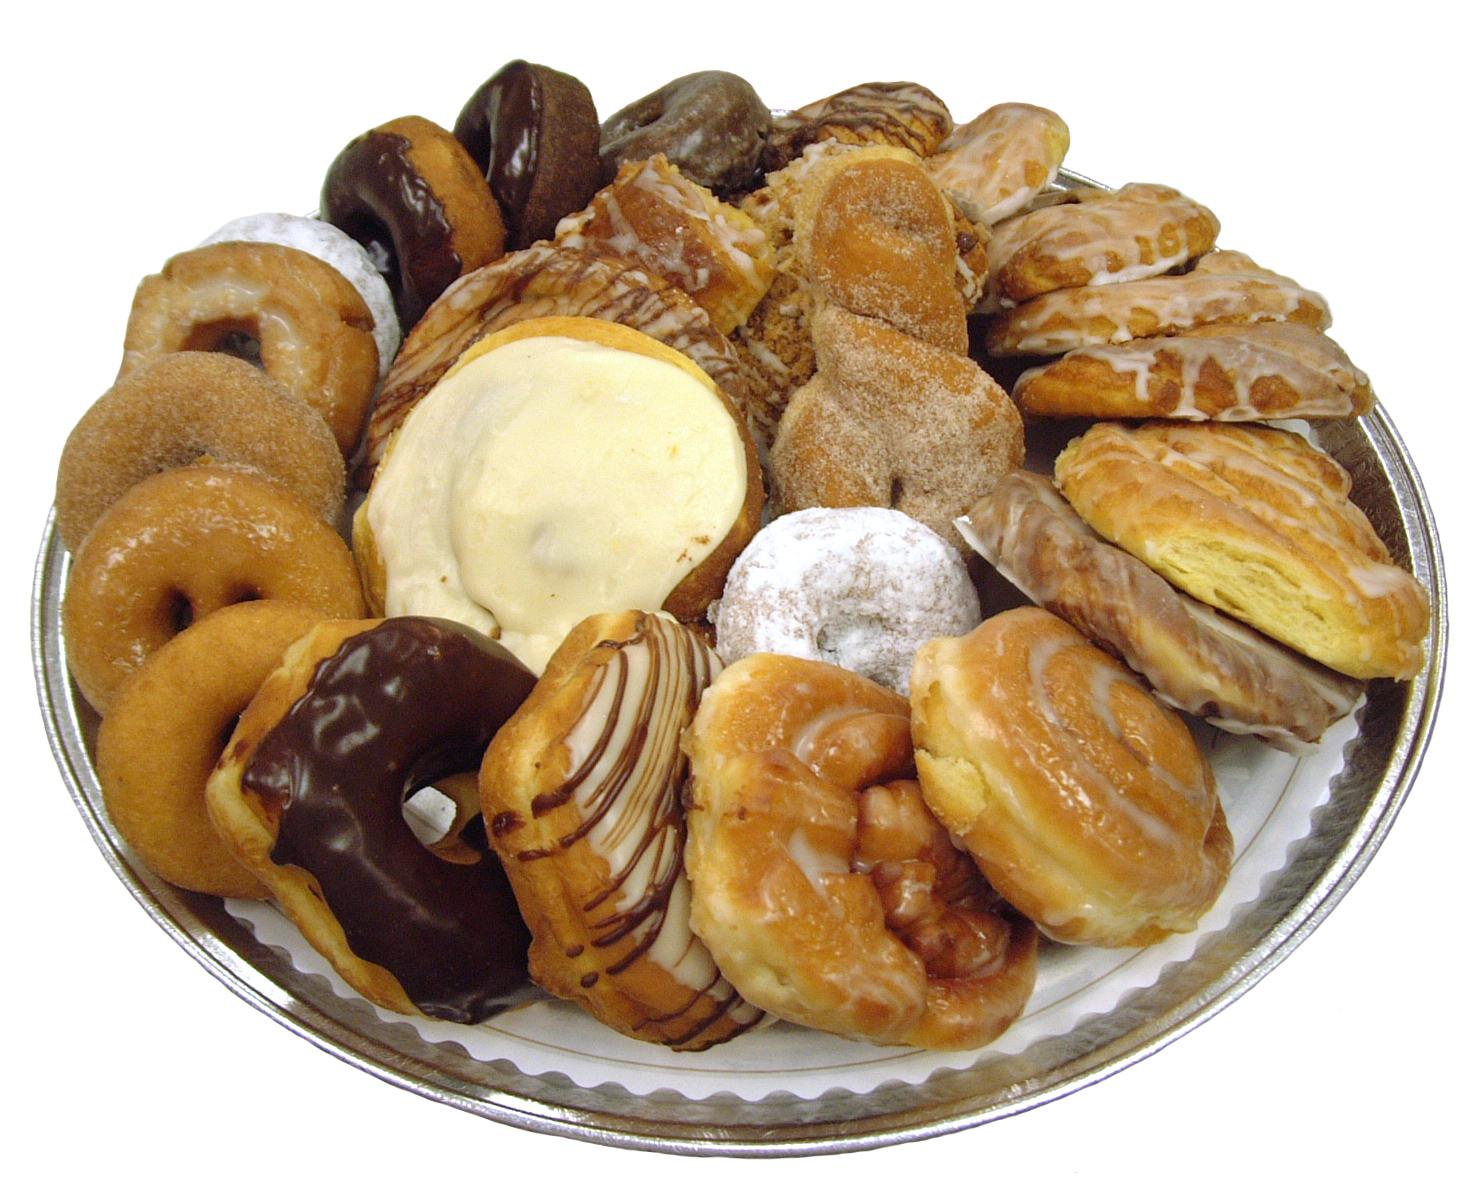 大量の甘いパン ドーナツの写真